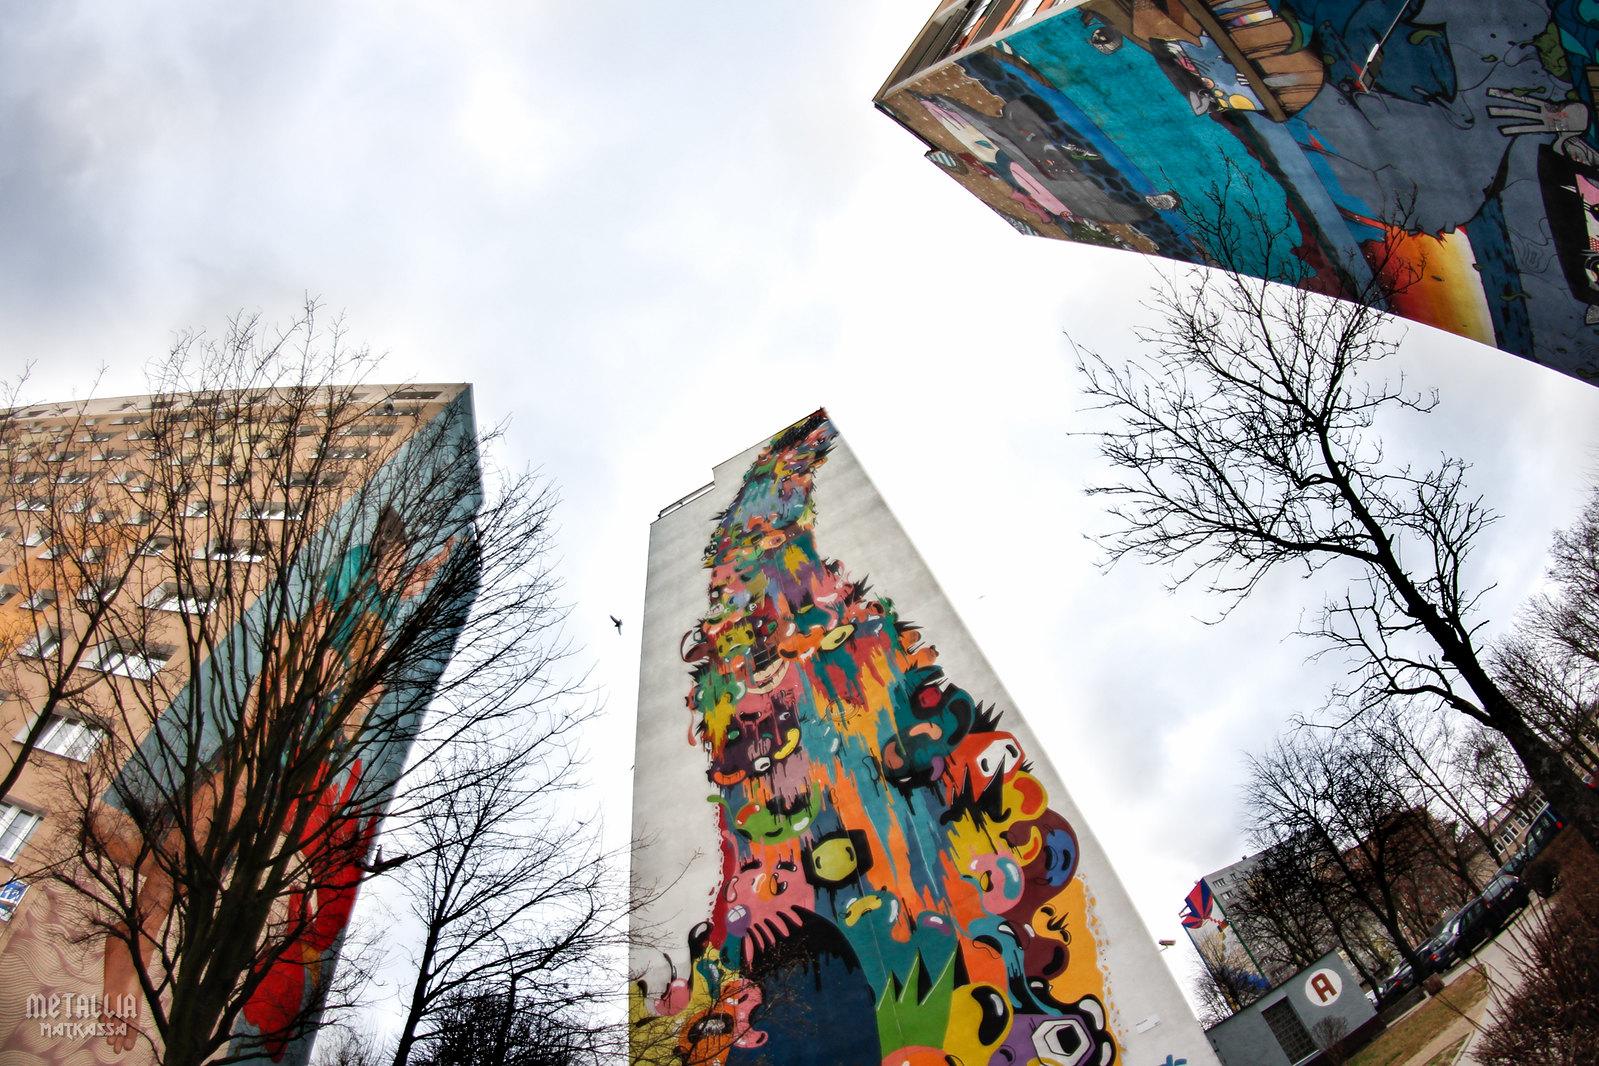 gdansk, gdansk zaspa, zaspa, gdansk districts, visit gdansk, streetart, murals